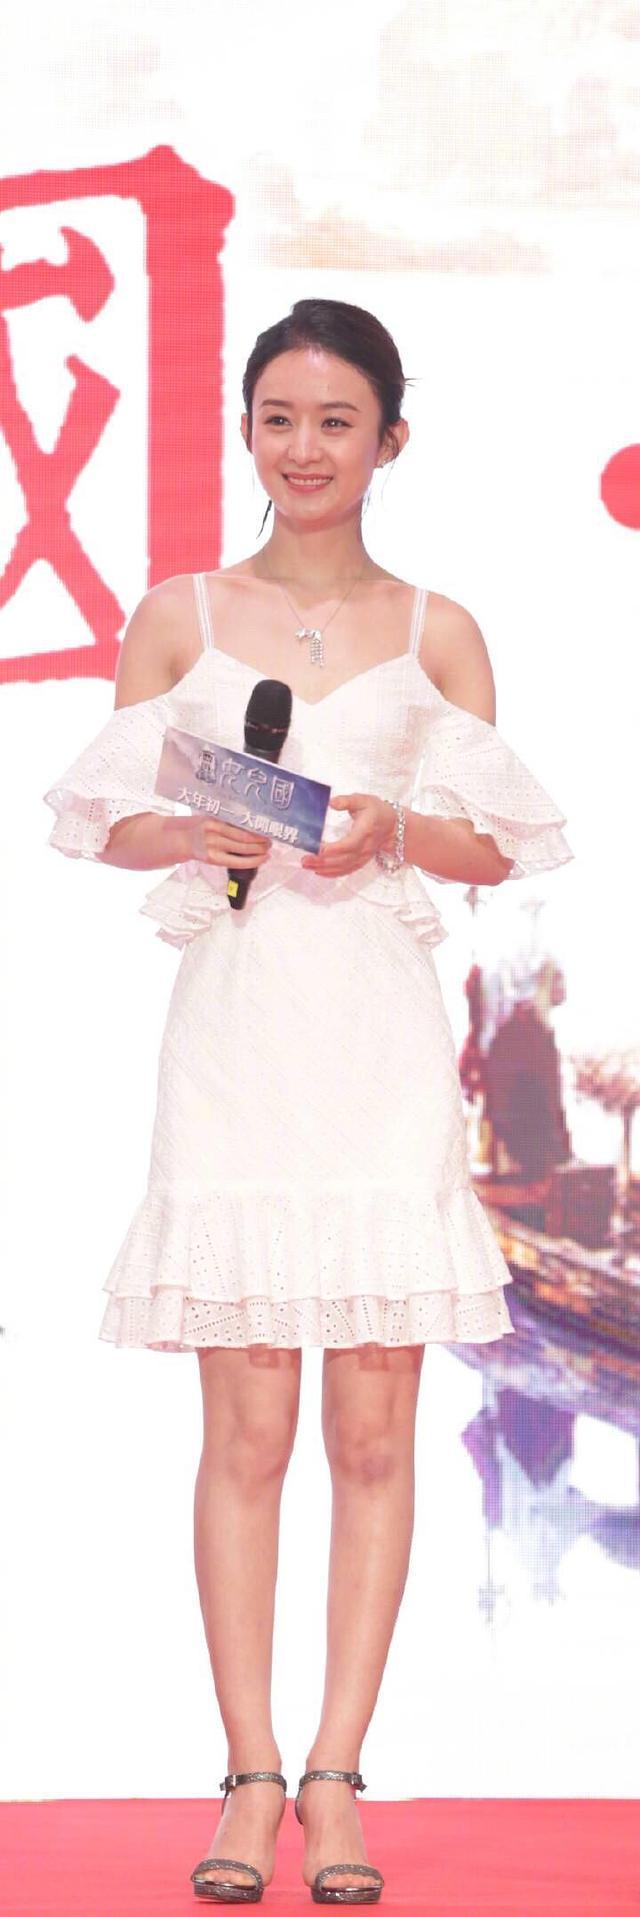 赵丽颖出席活动皮肤状态差跟41岁的梁咏琪同框被秒杀